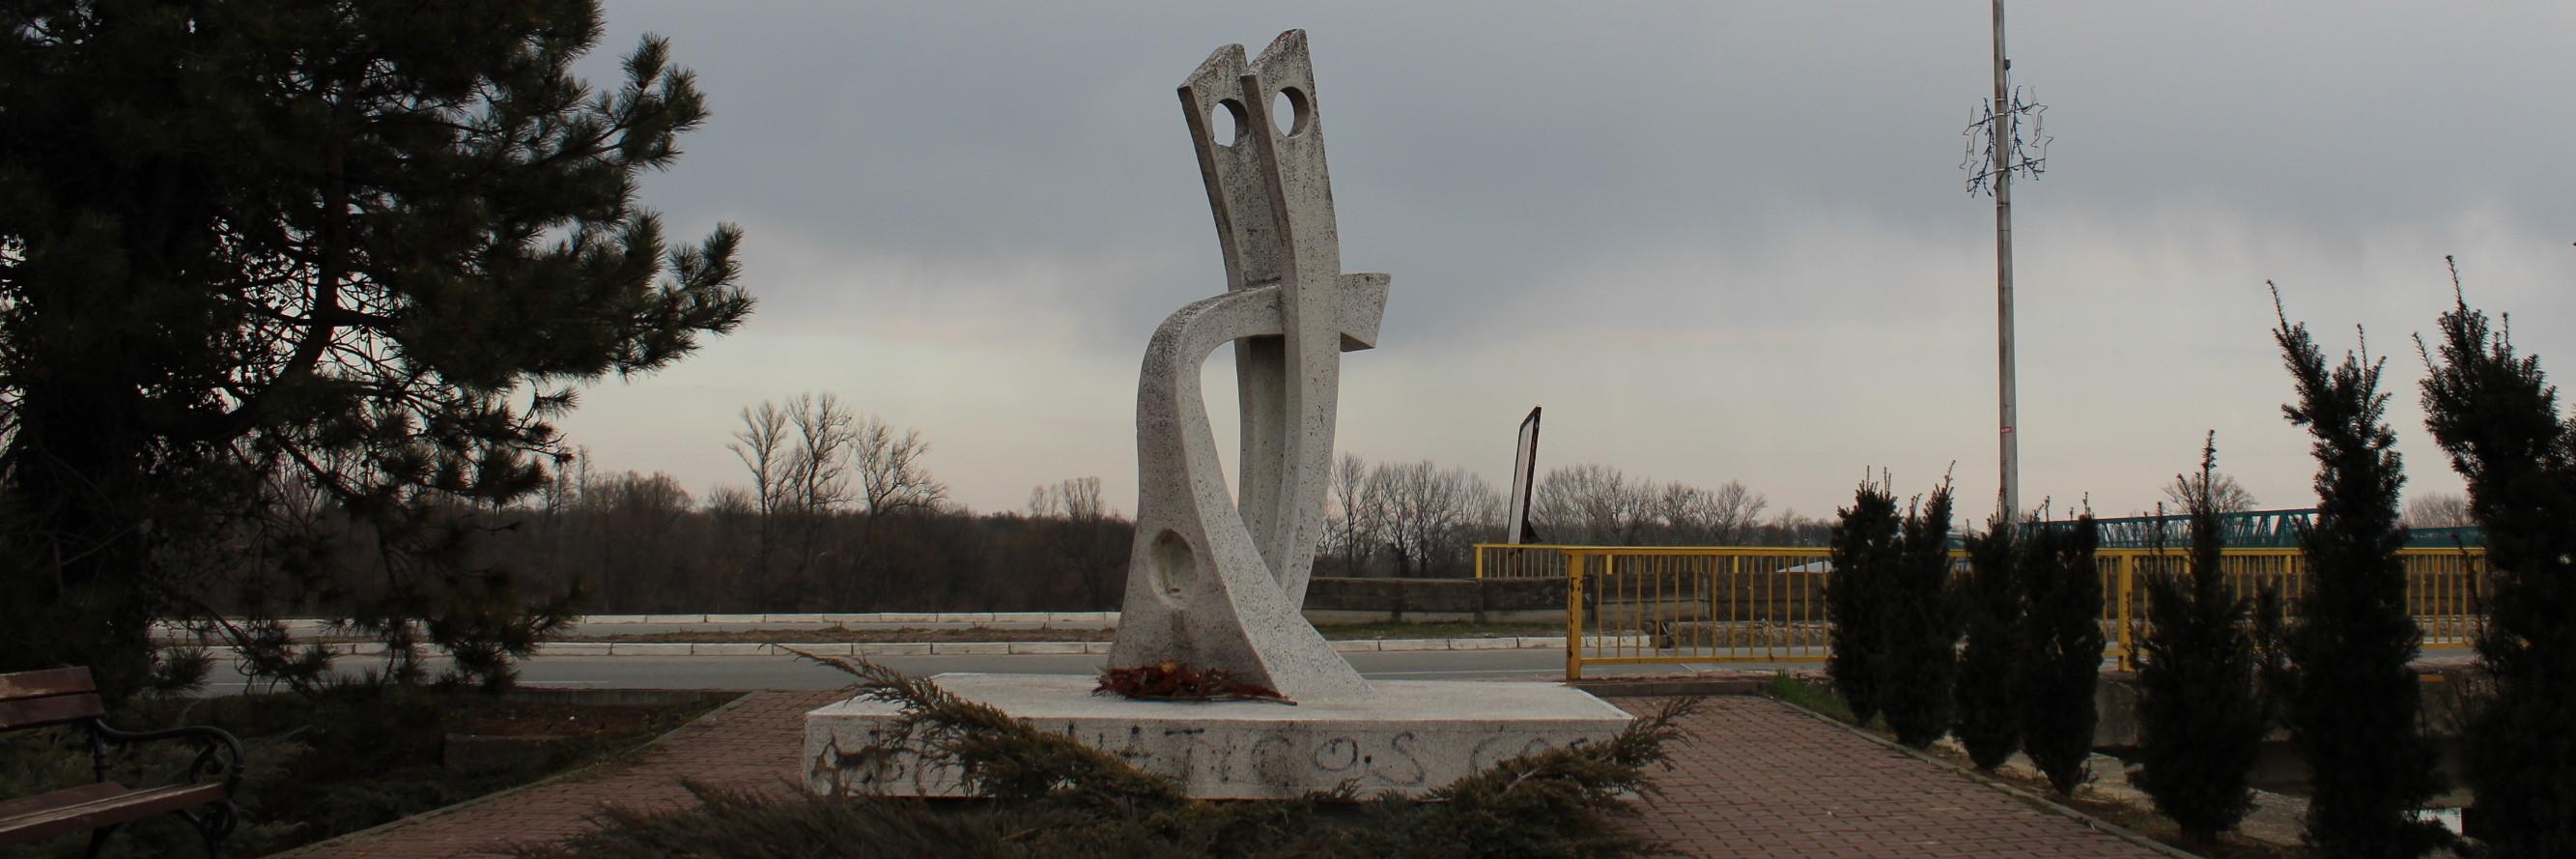 Памятник Хасану Агановичу Тачу. Фото: Елена Арсениевич, CC BY-SA 3.0